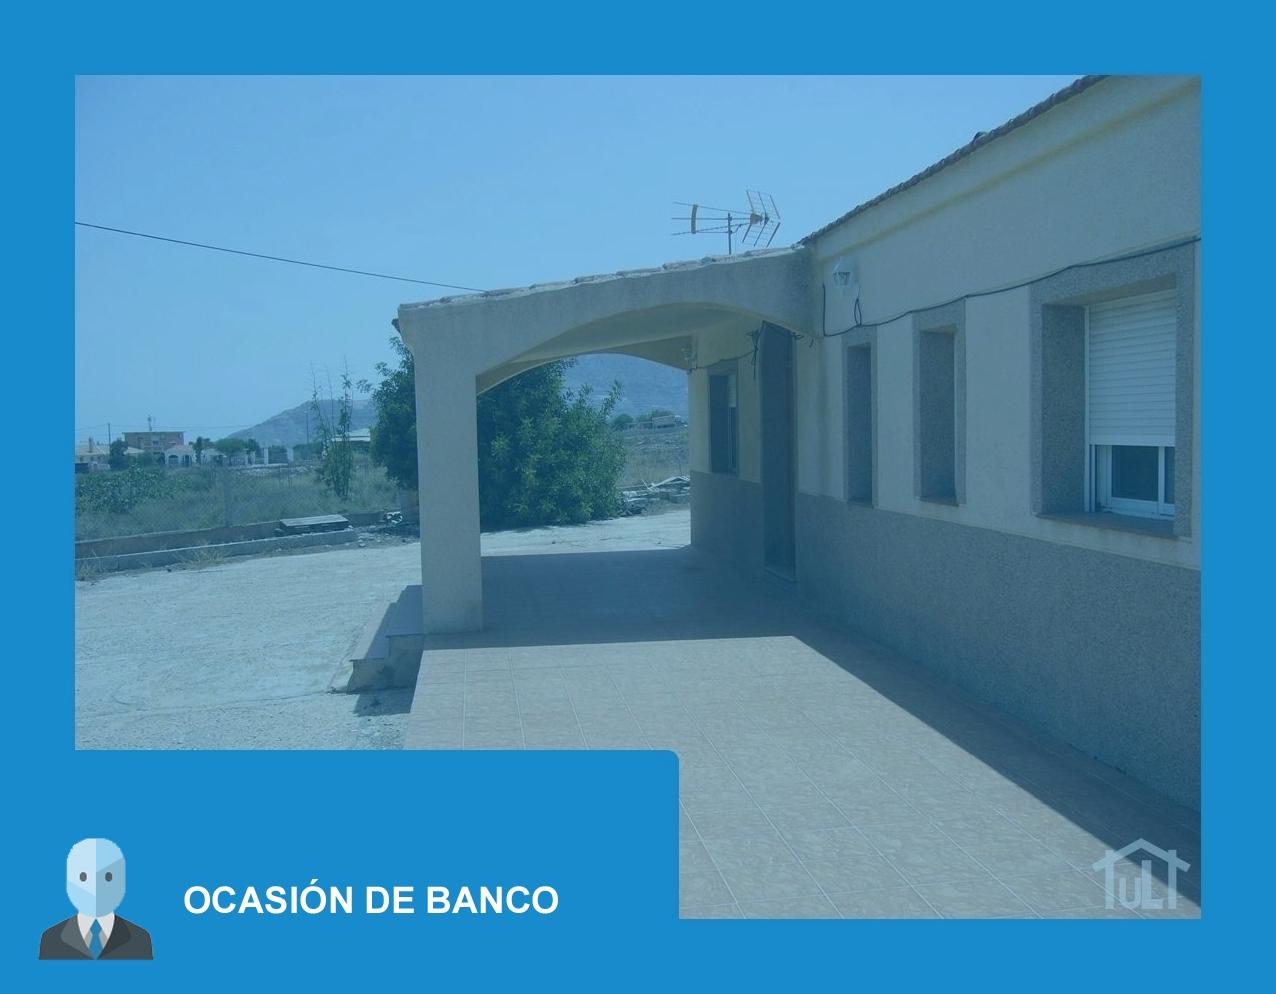 Chalet – 3 dormitorios – La Cañada – Ocasion de Banco